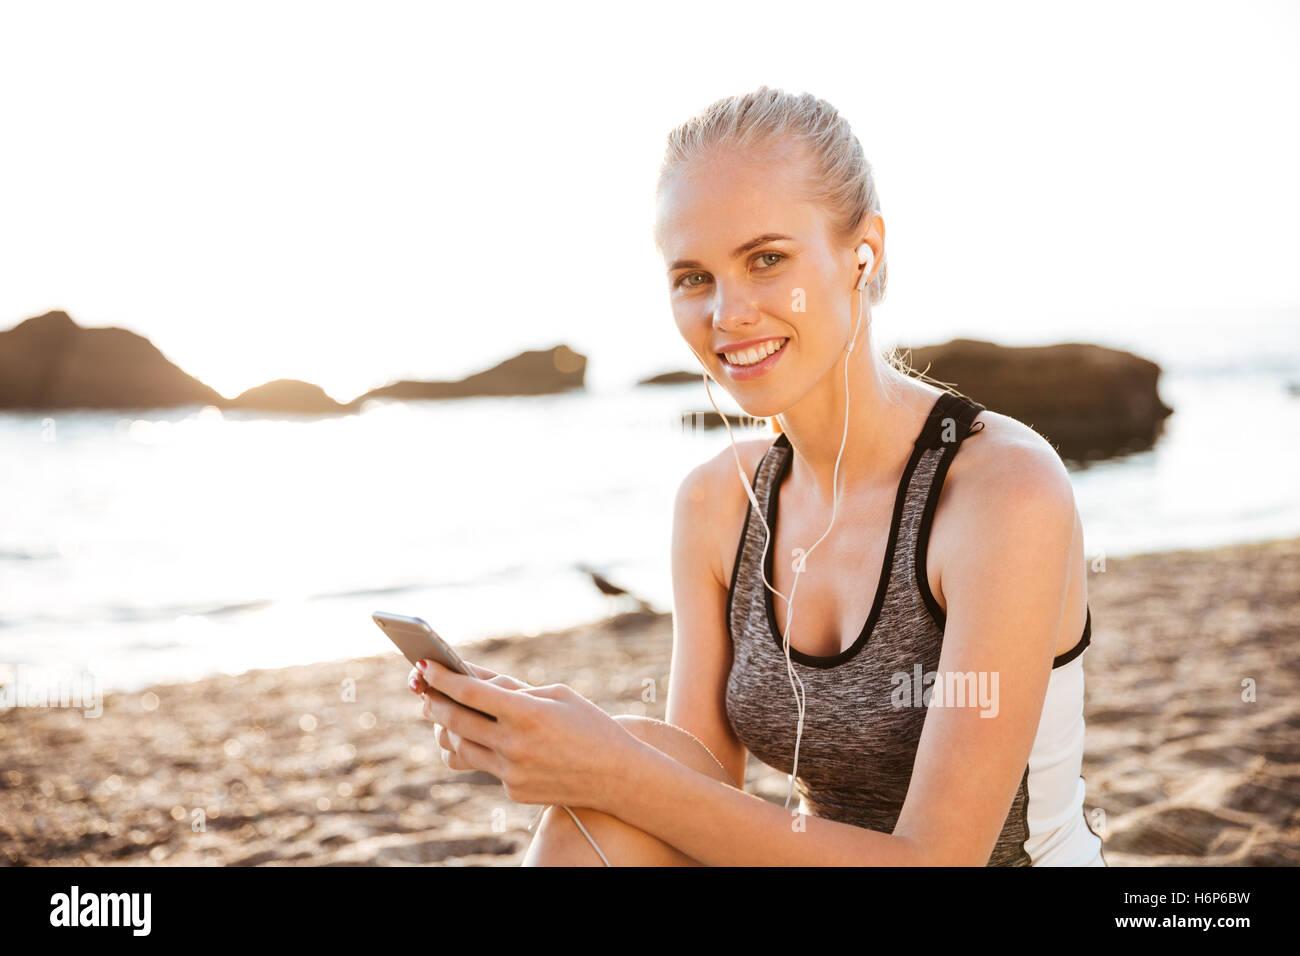 Porträt einer lächelnden Frau blonde Sport hautnah, mit Kopfhörer am Strand Stockbild